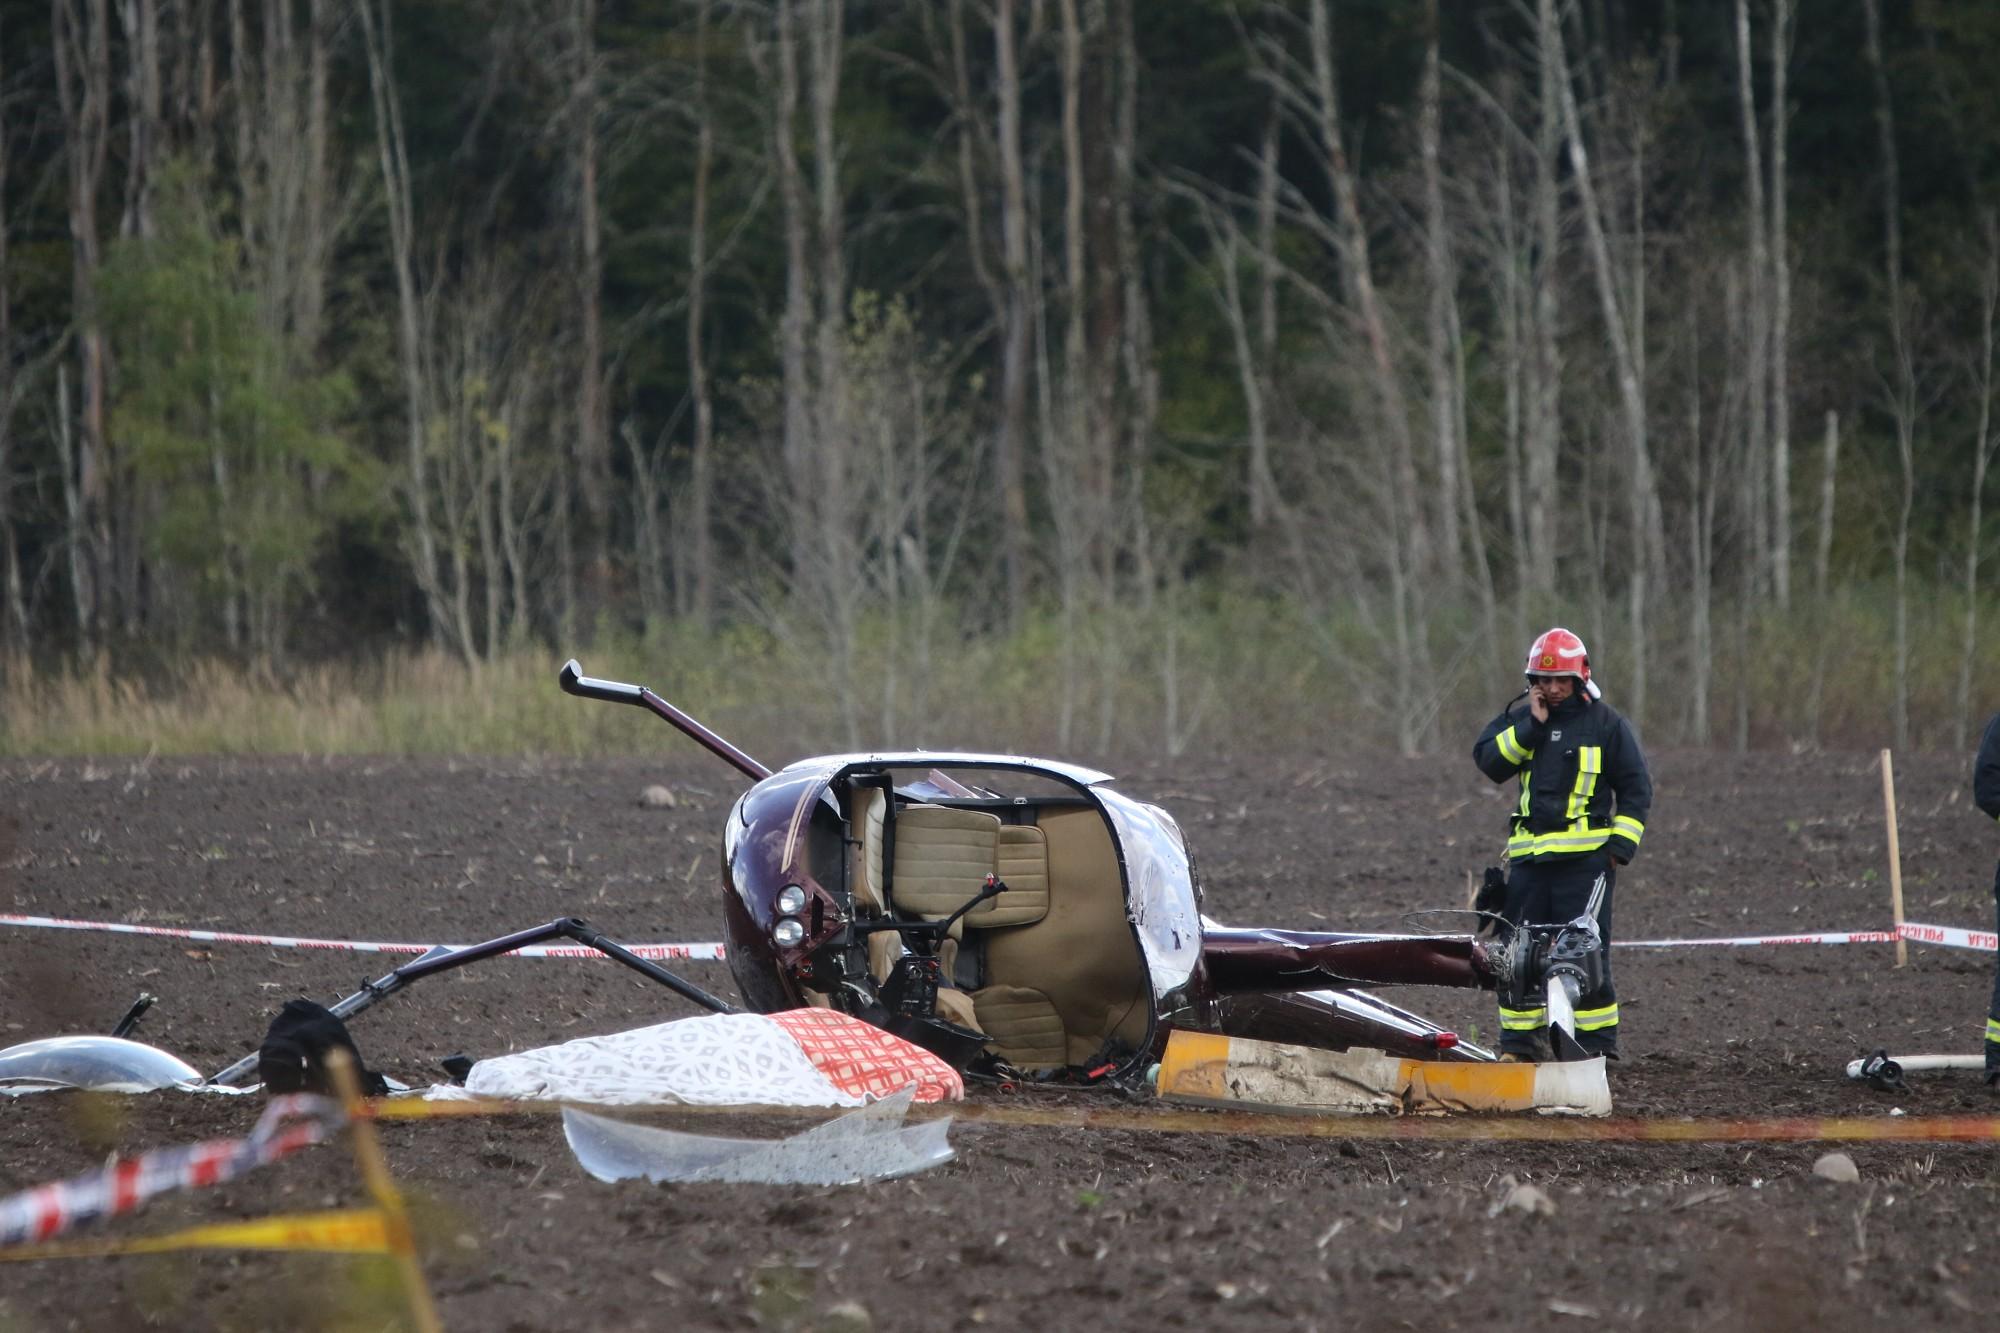 Helikoptera avārijas izmeklēšana nebūs ātra